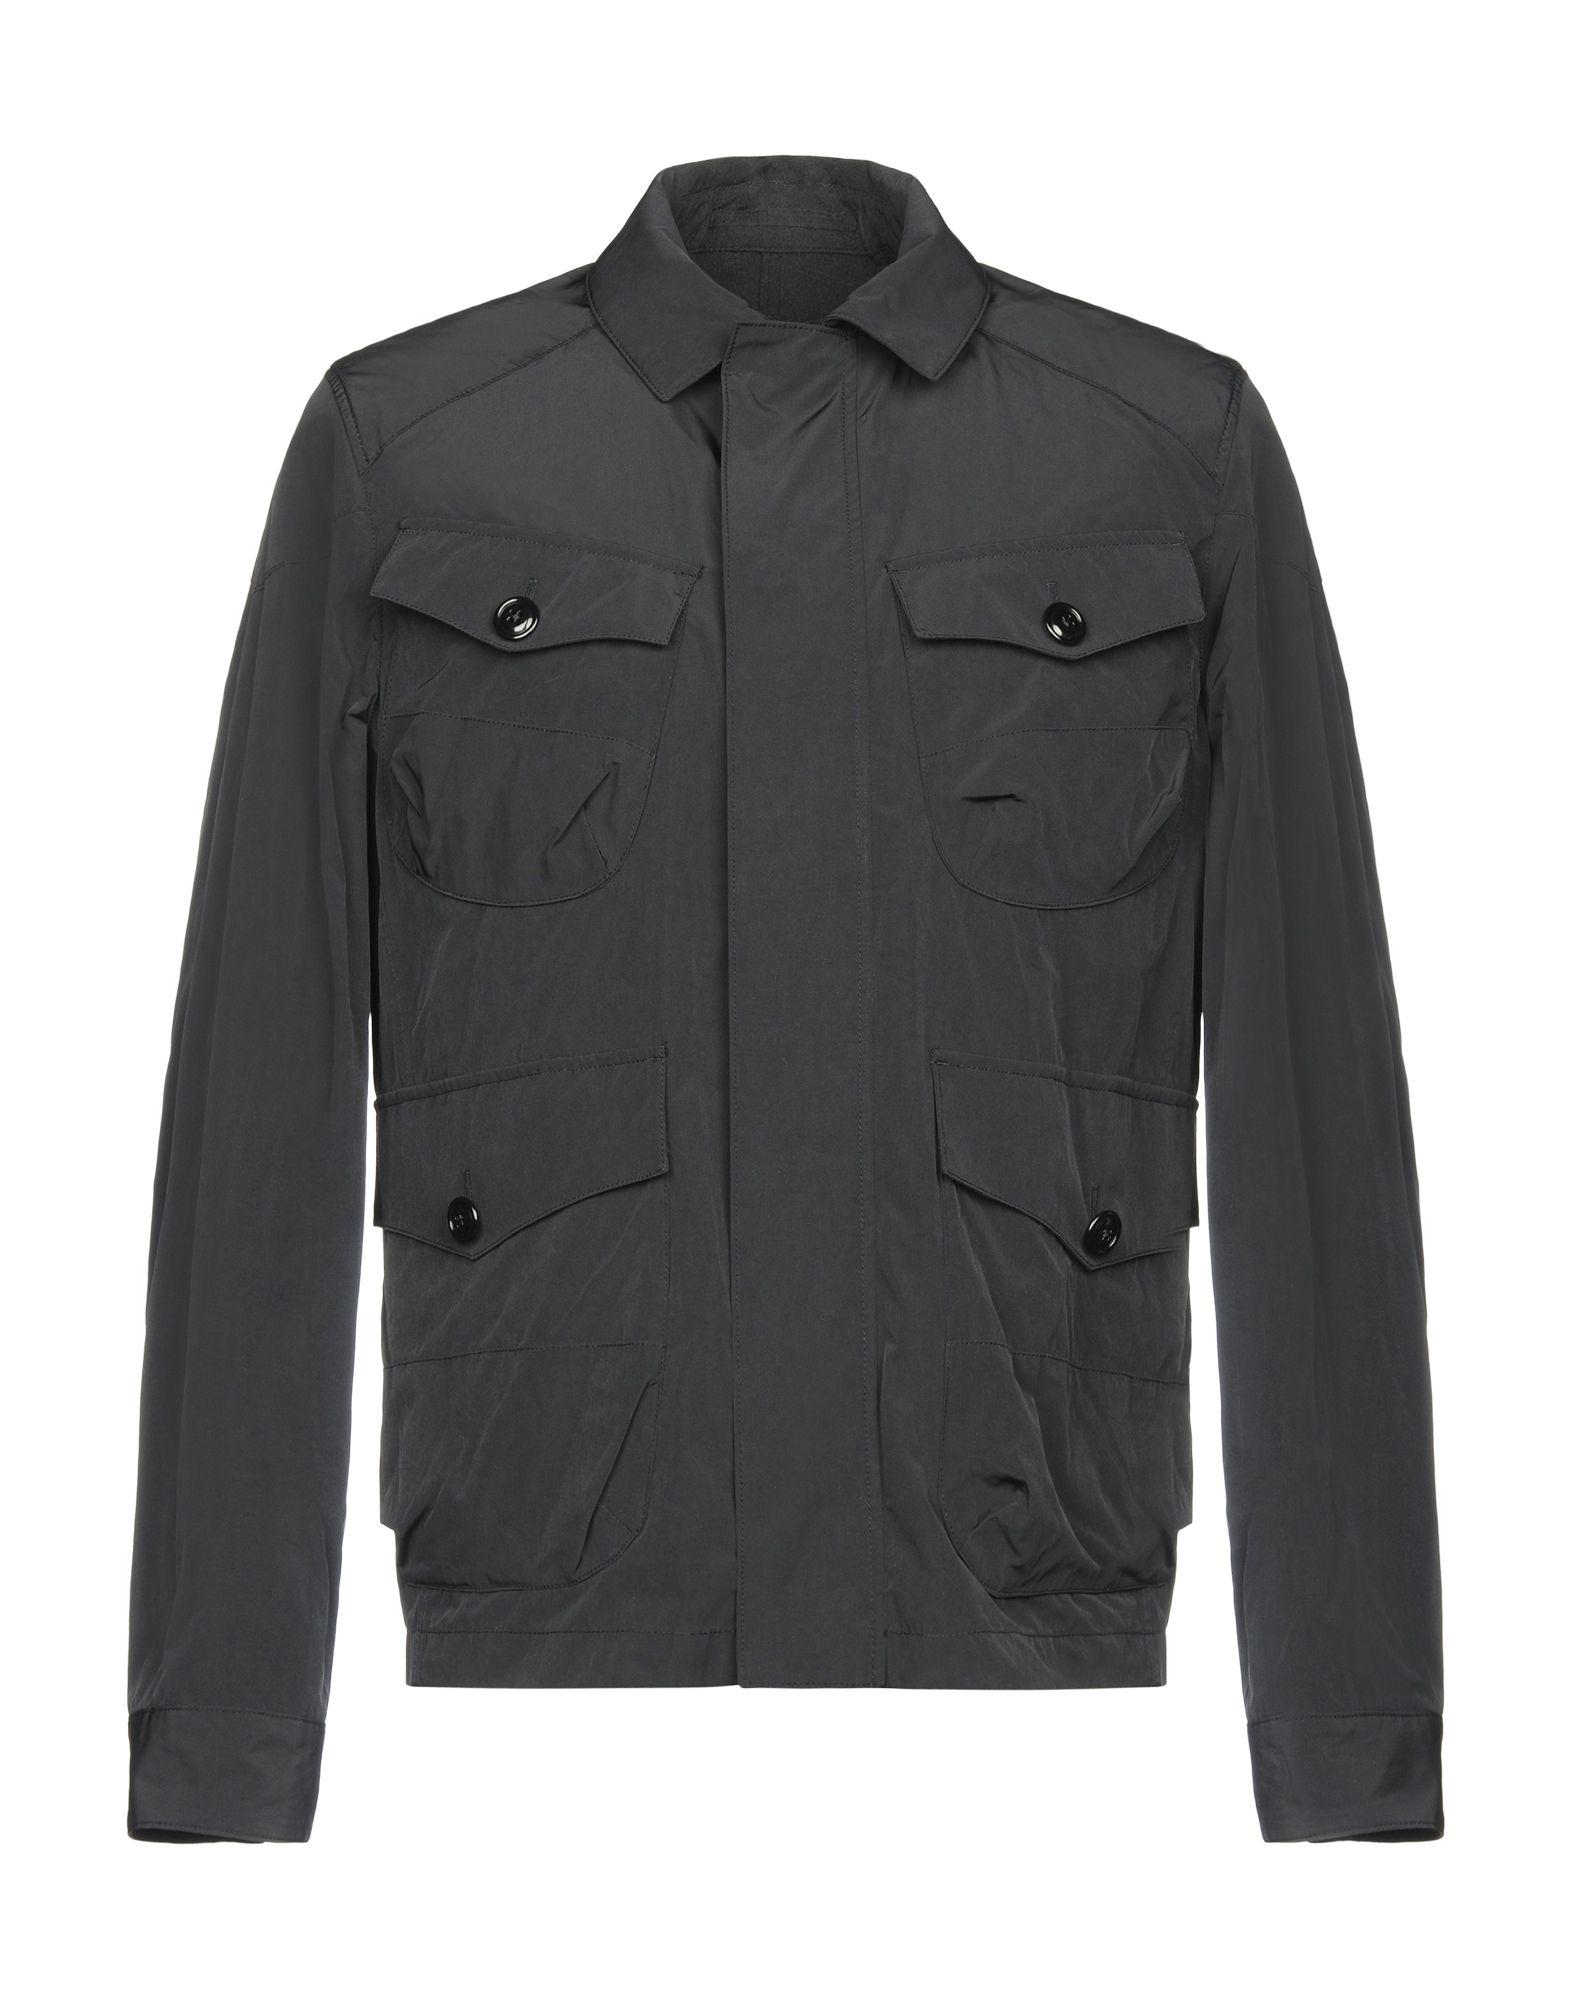 TODD SNYDER Jackets in Dark Blue